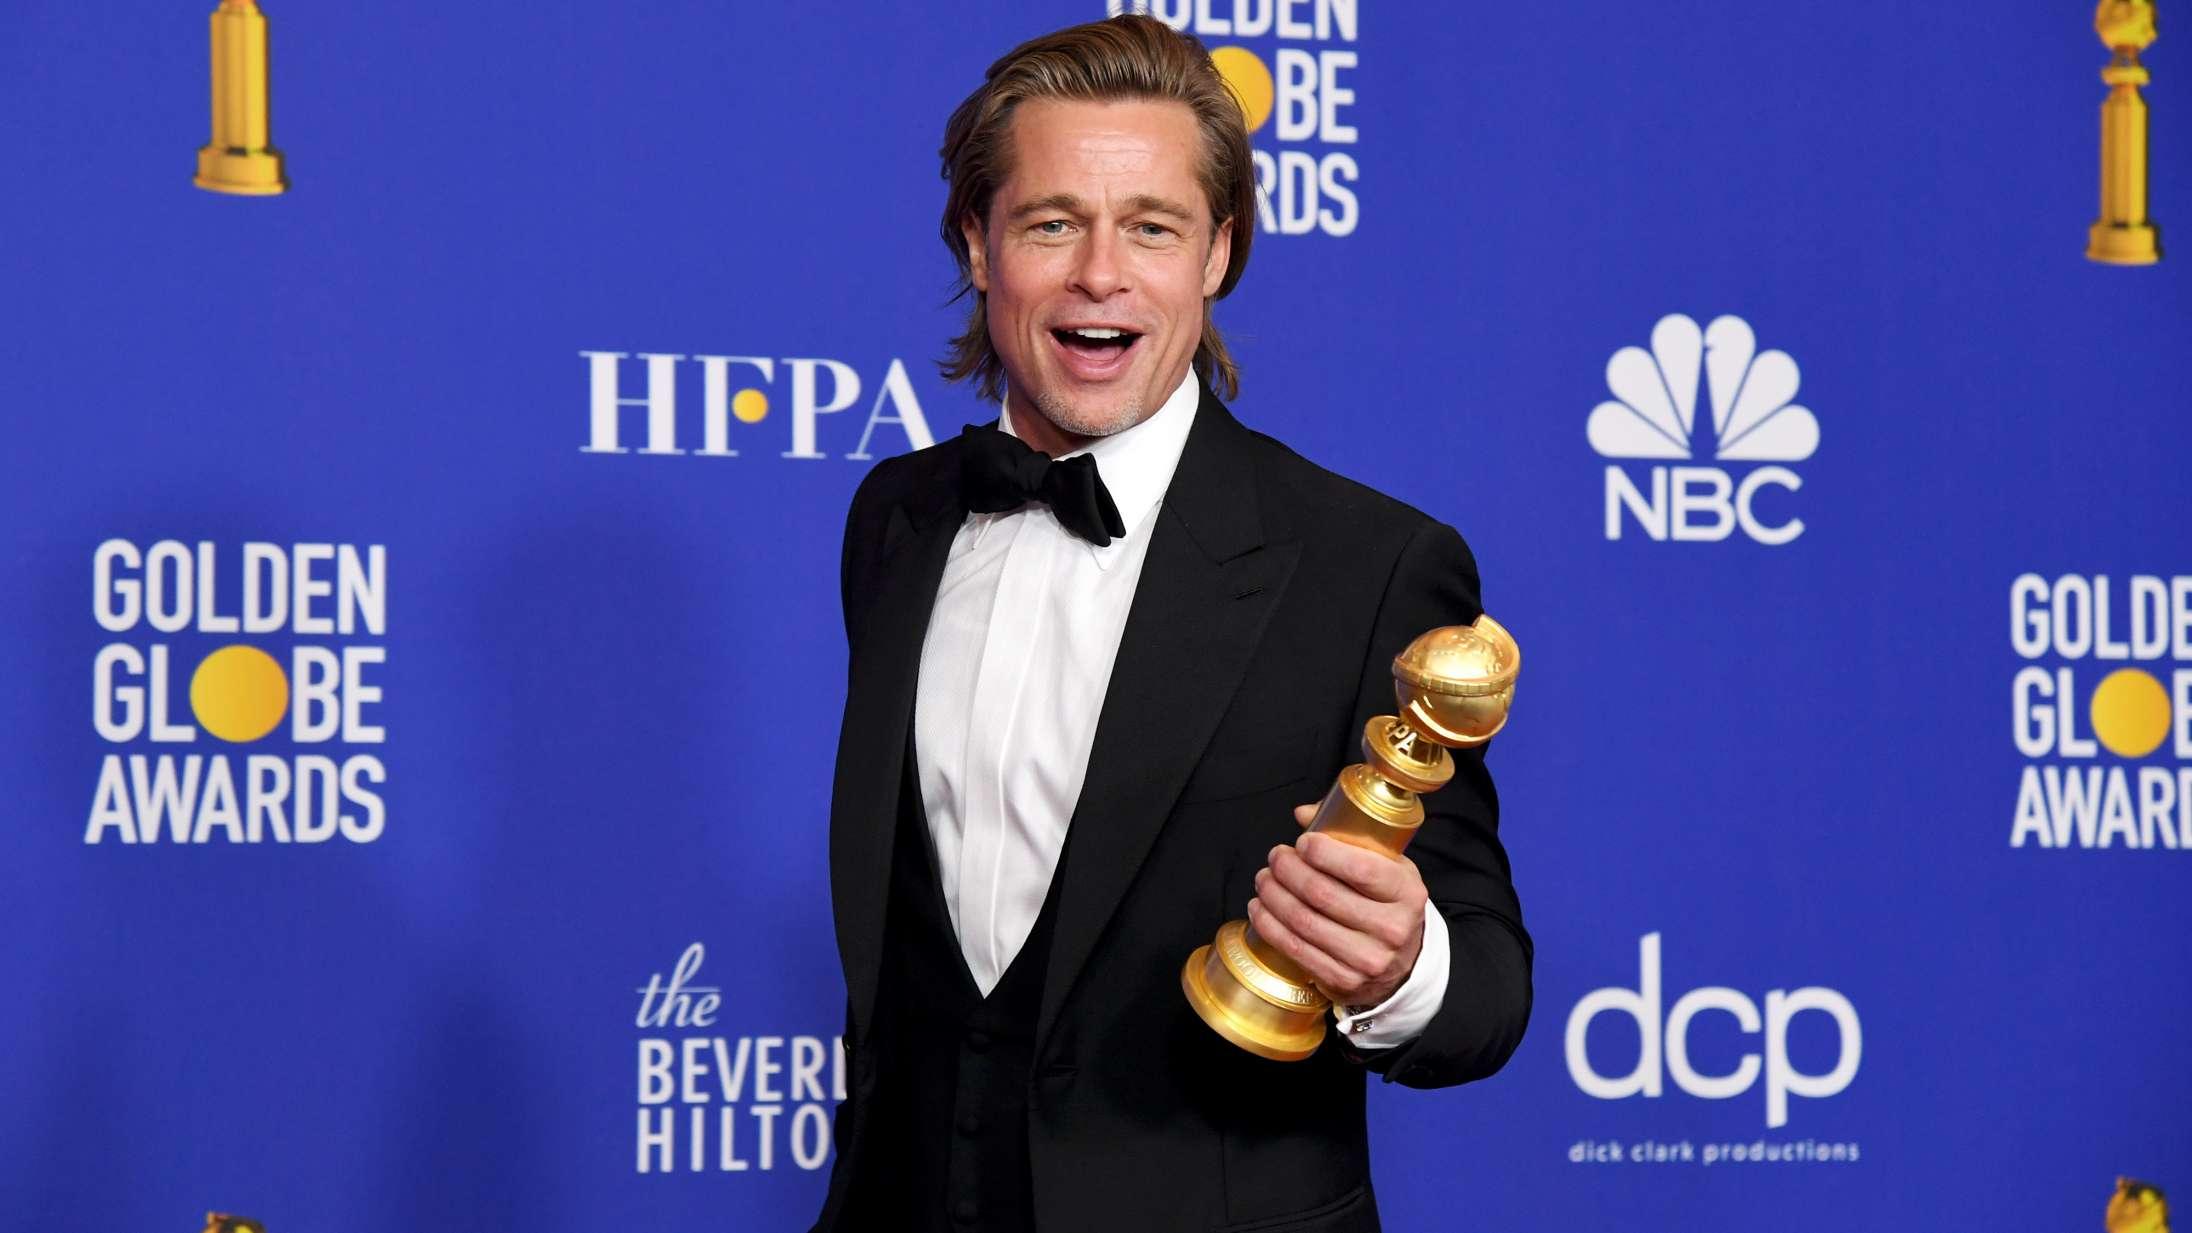 Golden Globe er ved at blive smadret til ukendelighed – og de har fortjent det